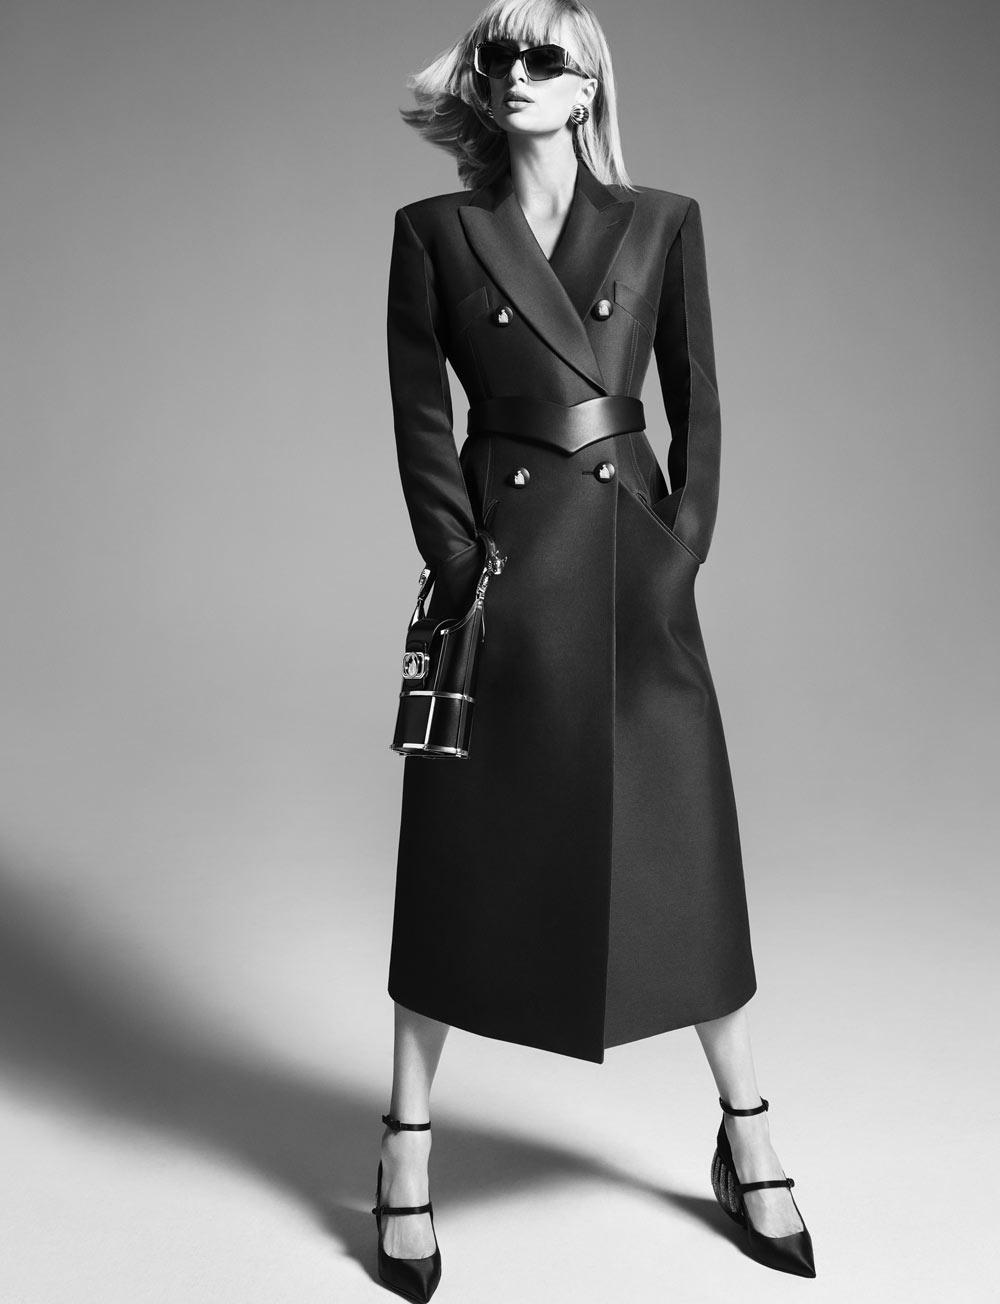 Robes Paris Hilton Lanvin